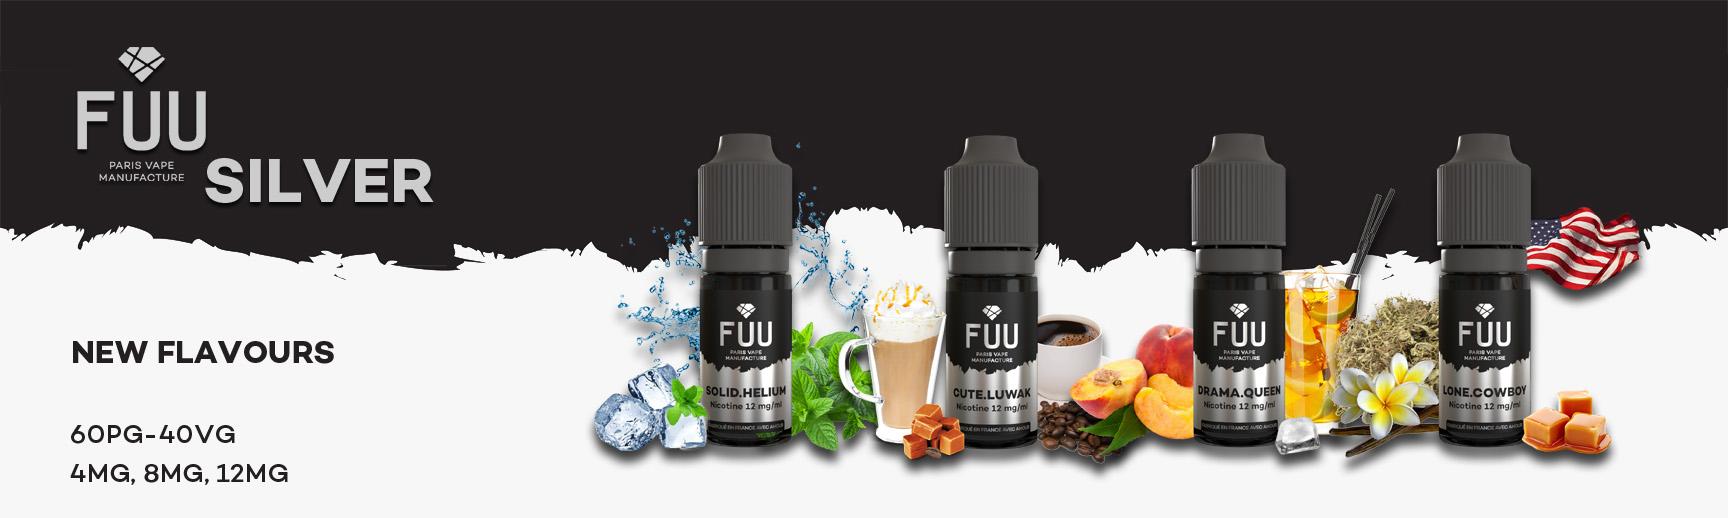 new-fuu-silver.jpg